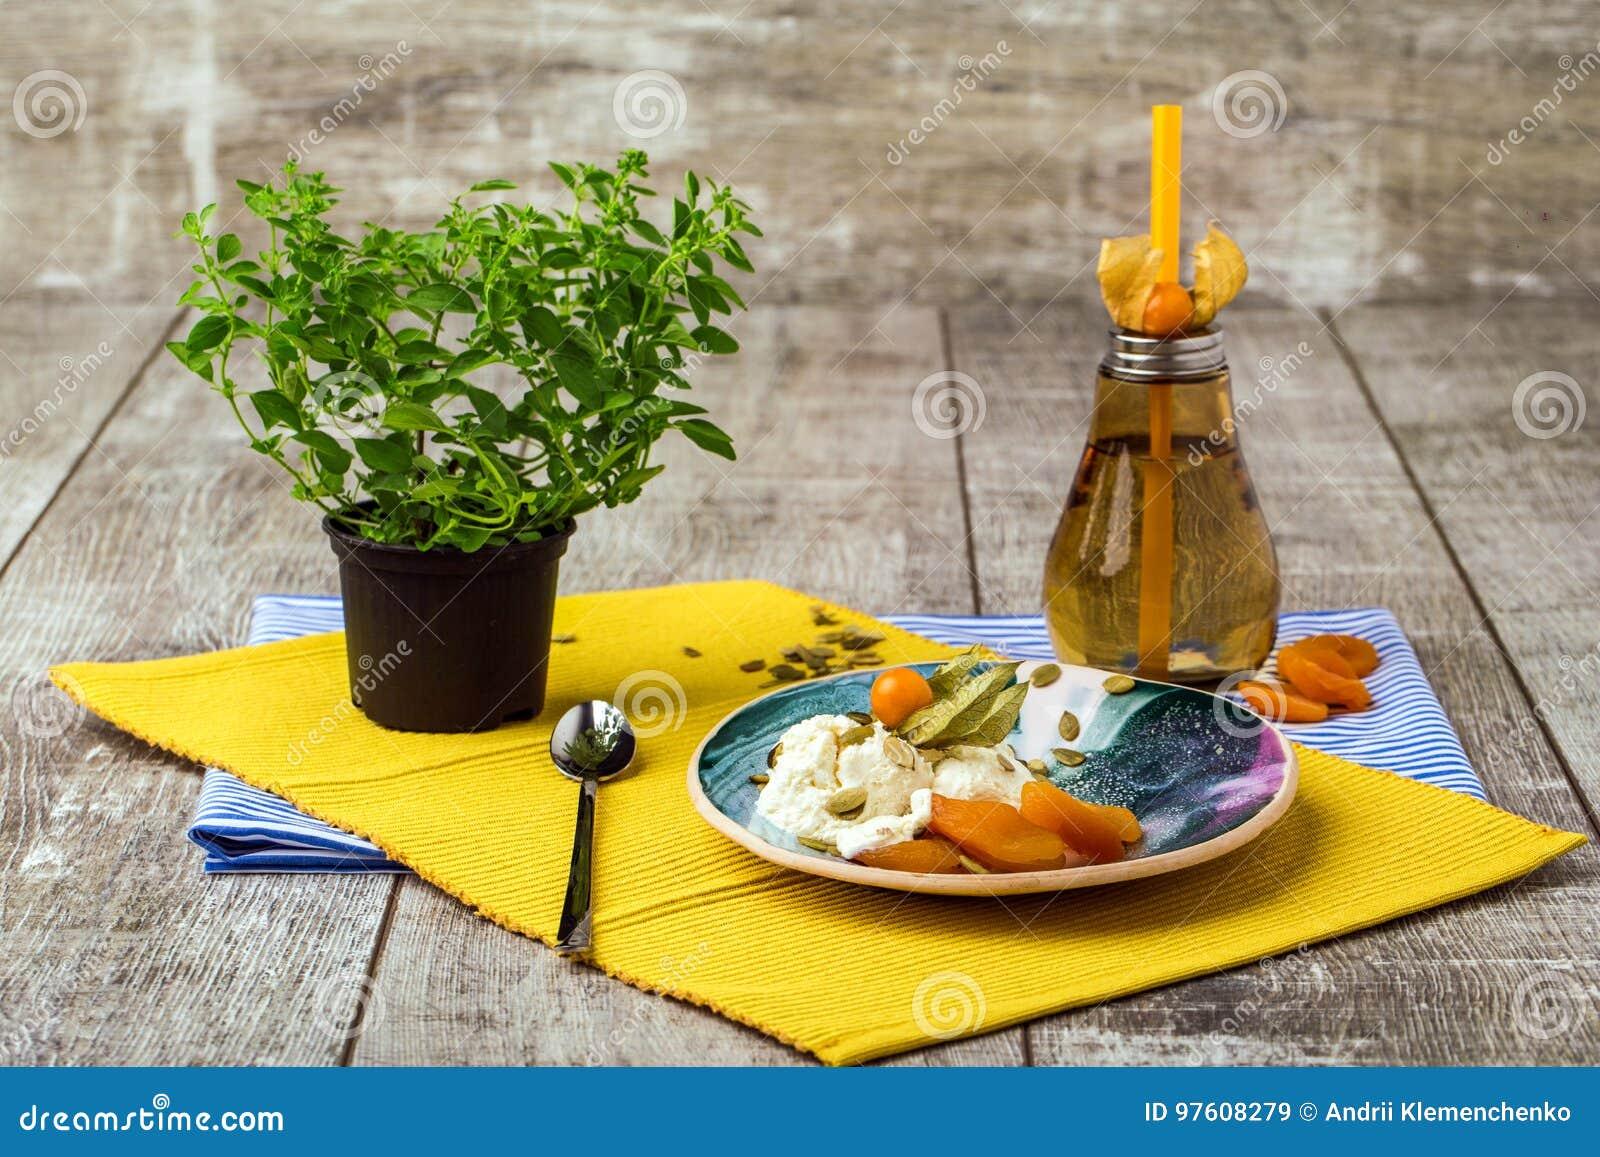 Una composición brillante de una placa redonda, de una botella anaranjada, y de un árbol chino verde Un sistema de cena lindo en